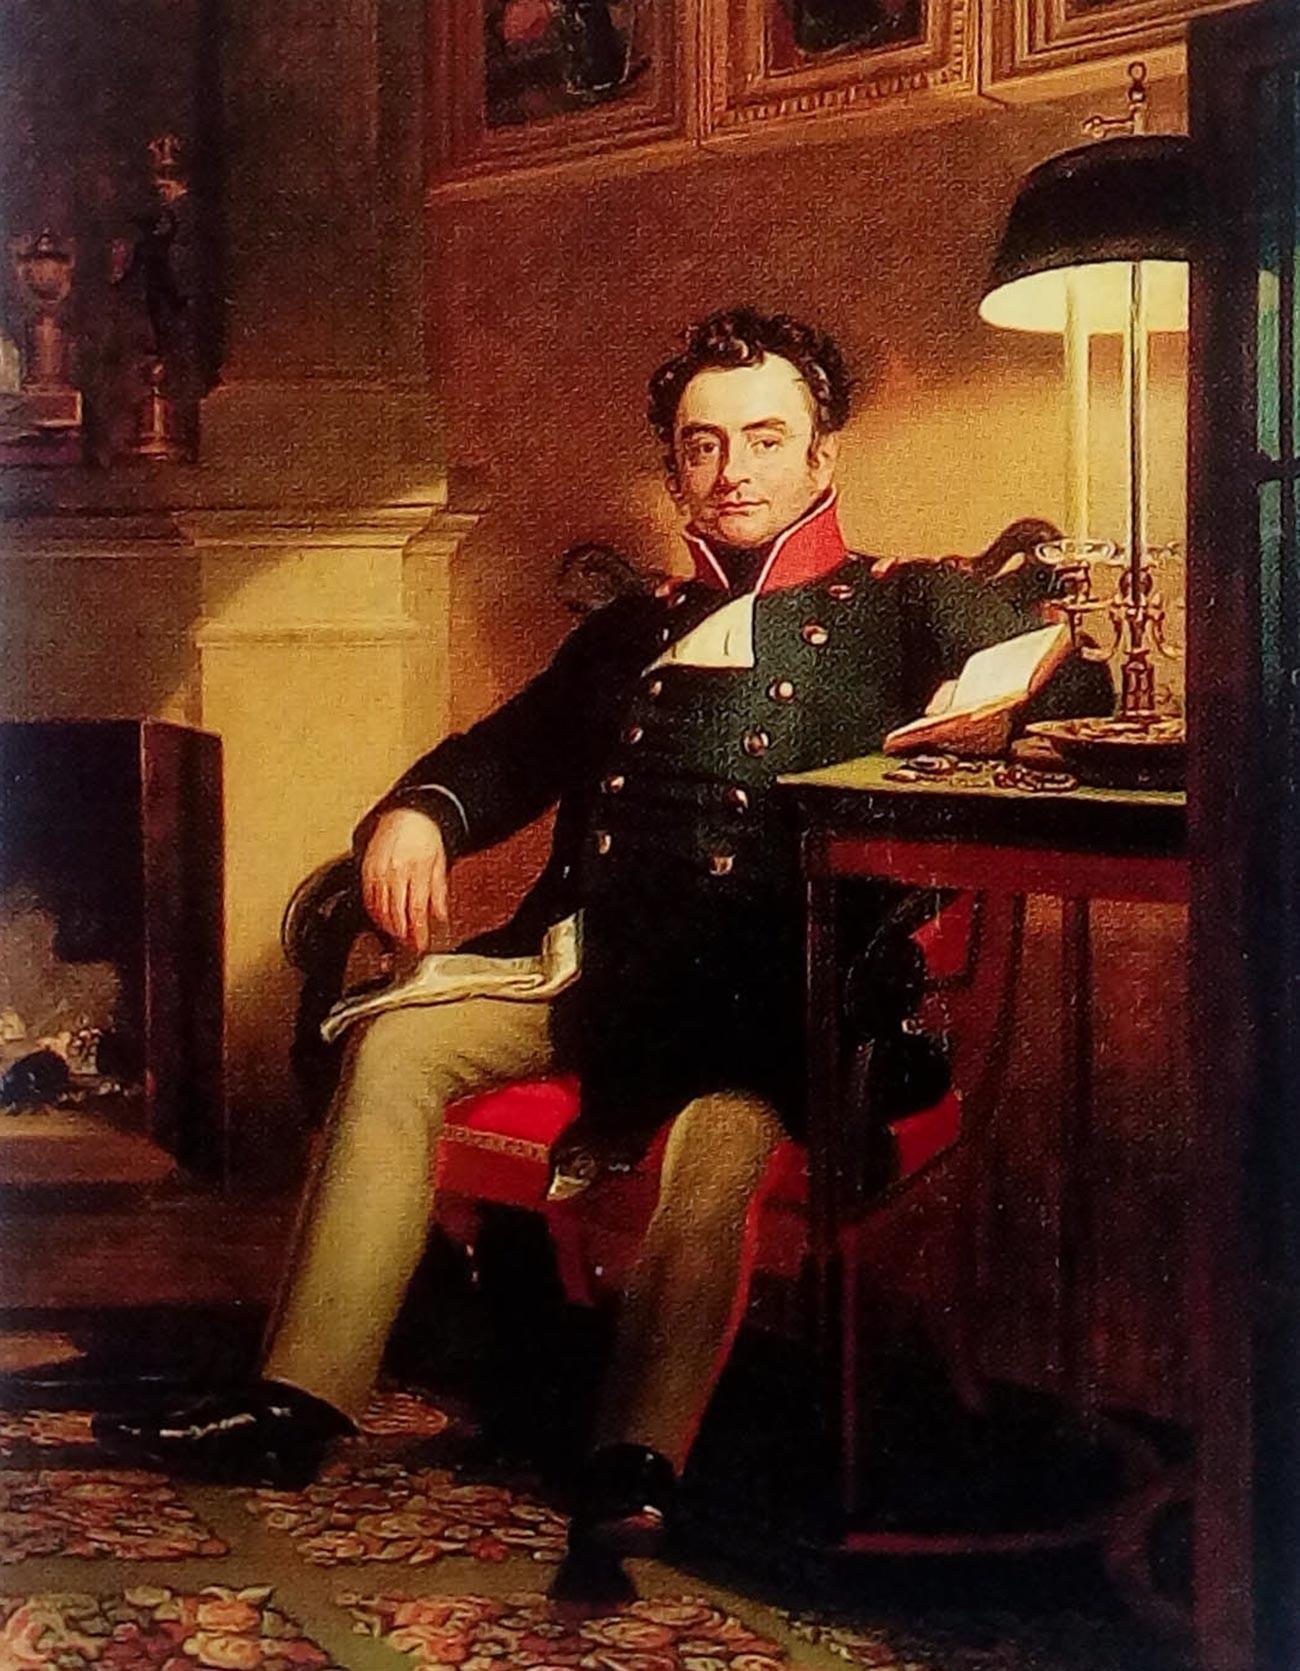 Портрет на граф П. А. Шувалов